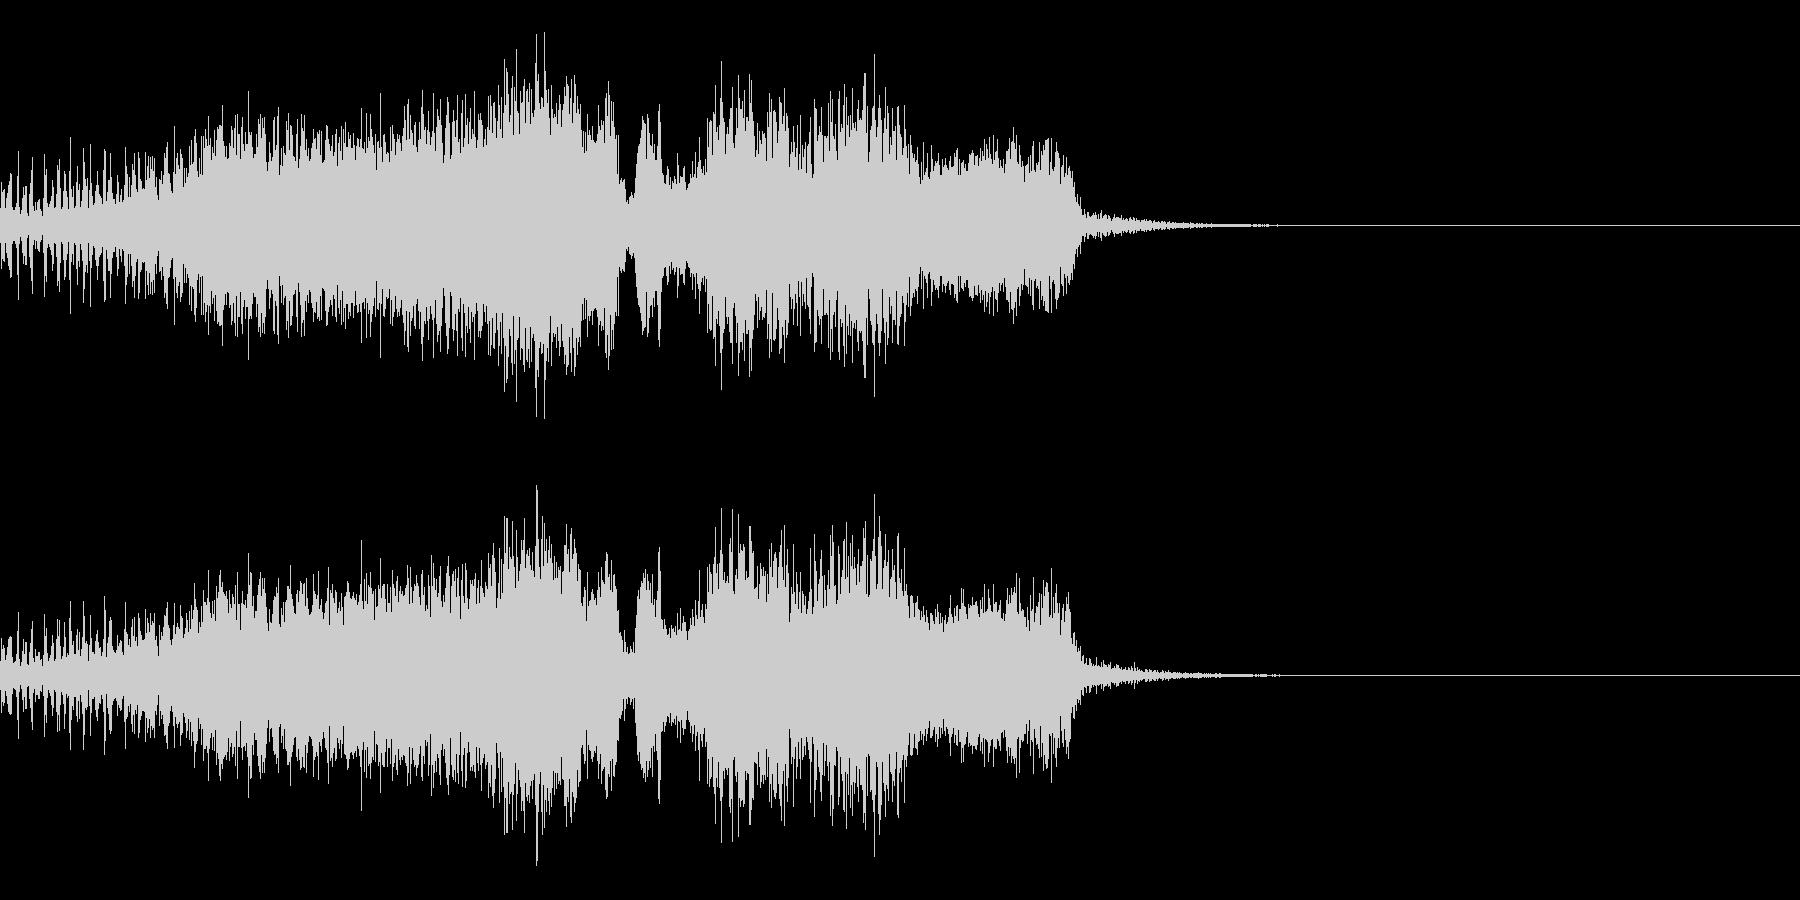 スパーク音-23の未再生の波形